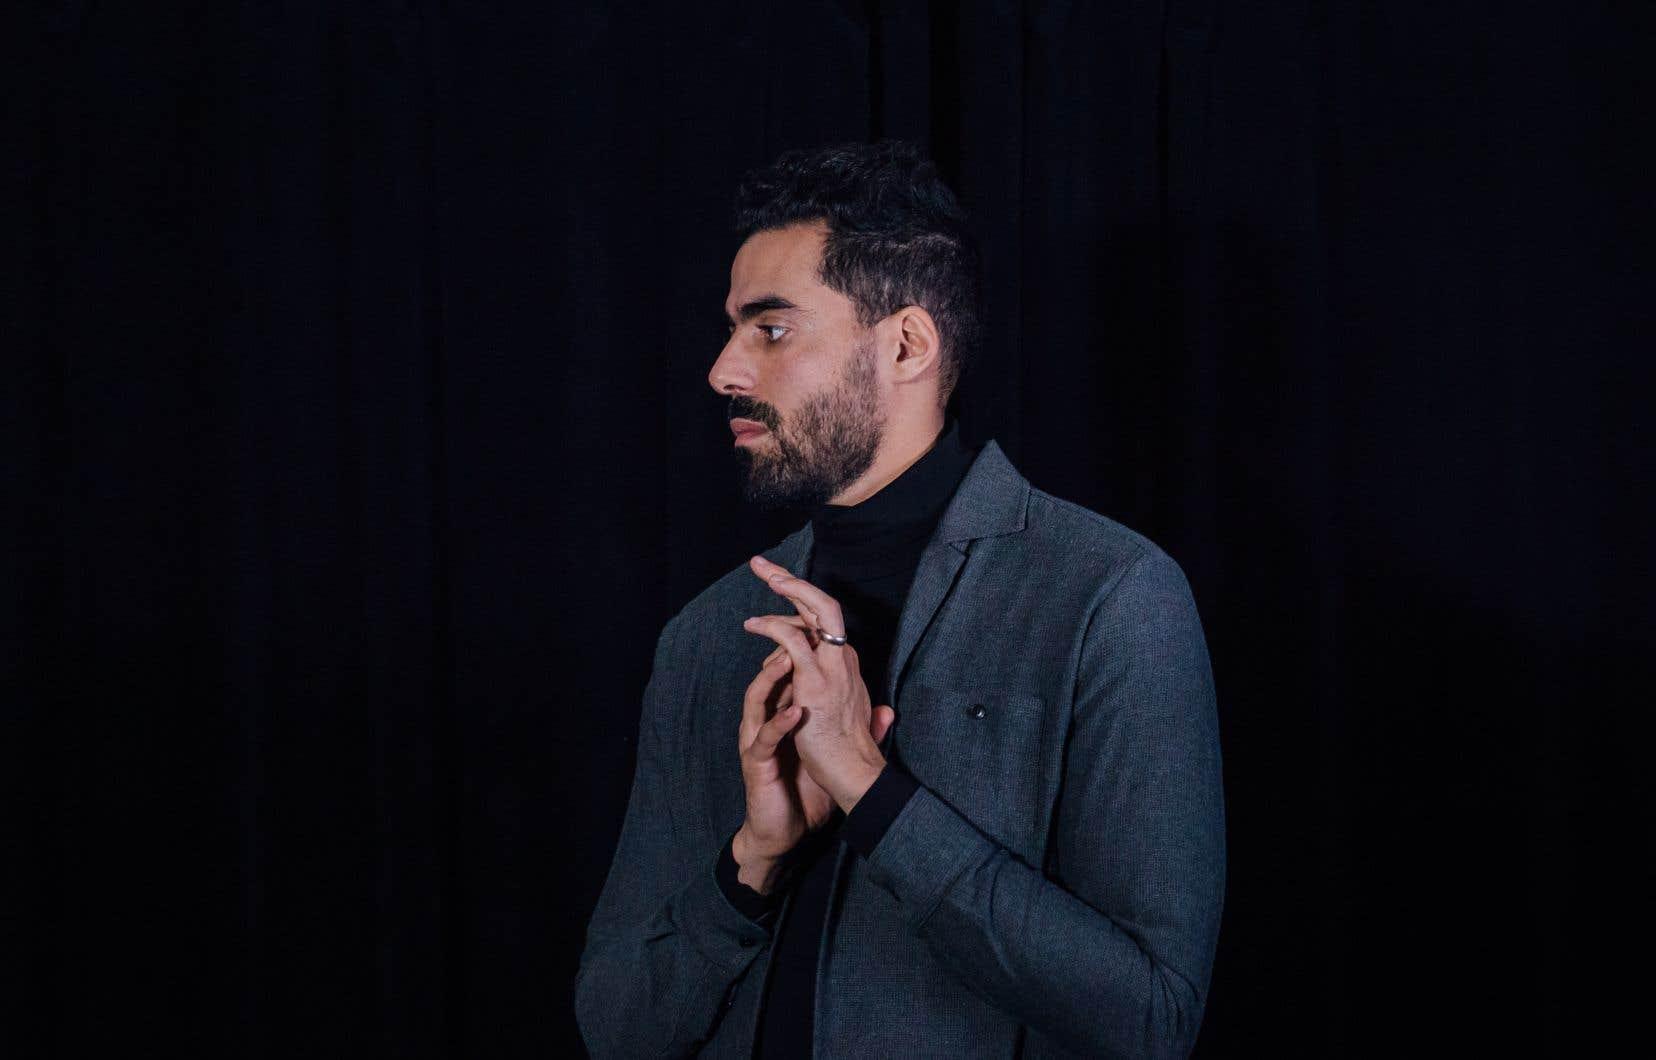 Les fans d'Adib Alkhalidey  seront sans  doute étonnés d'apprendre  que l'humoriste a la fibre  musicienne. Qu'il affectionne aussi la chanson française  classique.